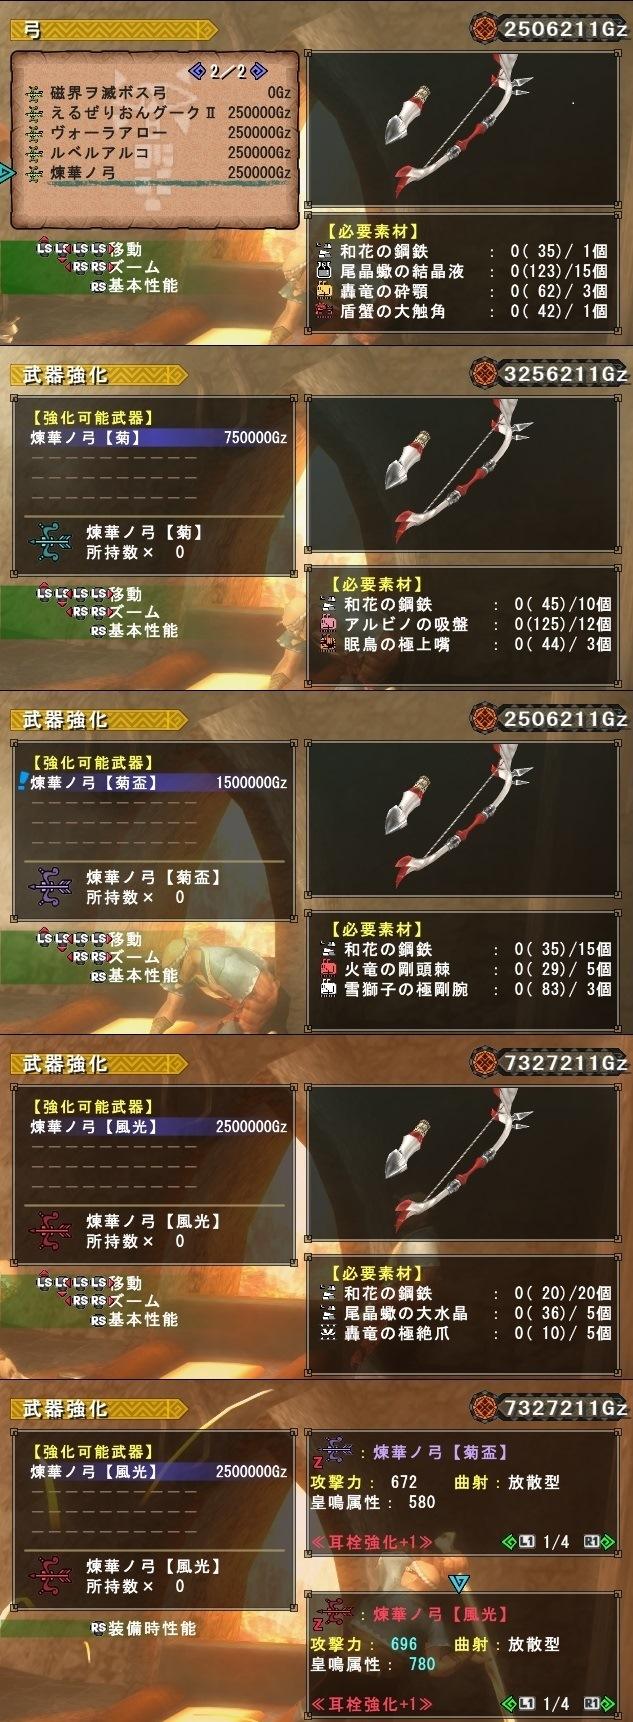 20171229_狩煉道弓強化